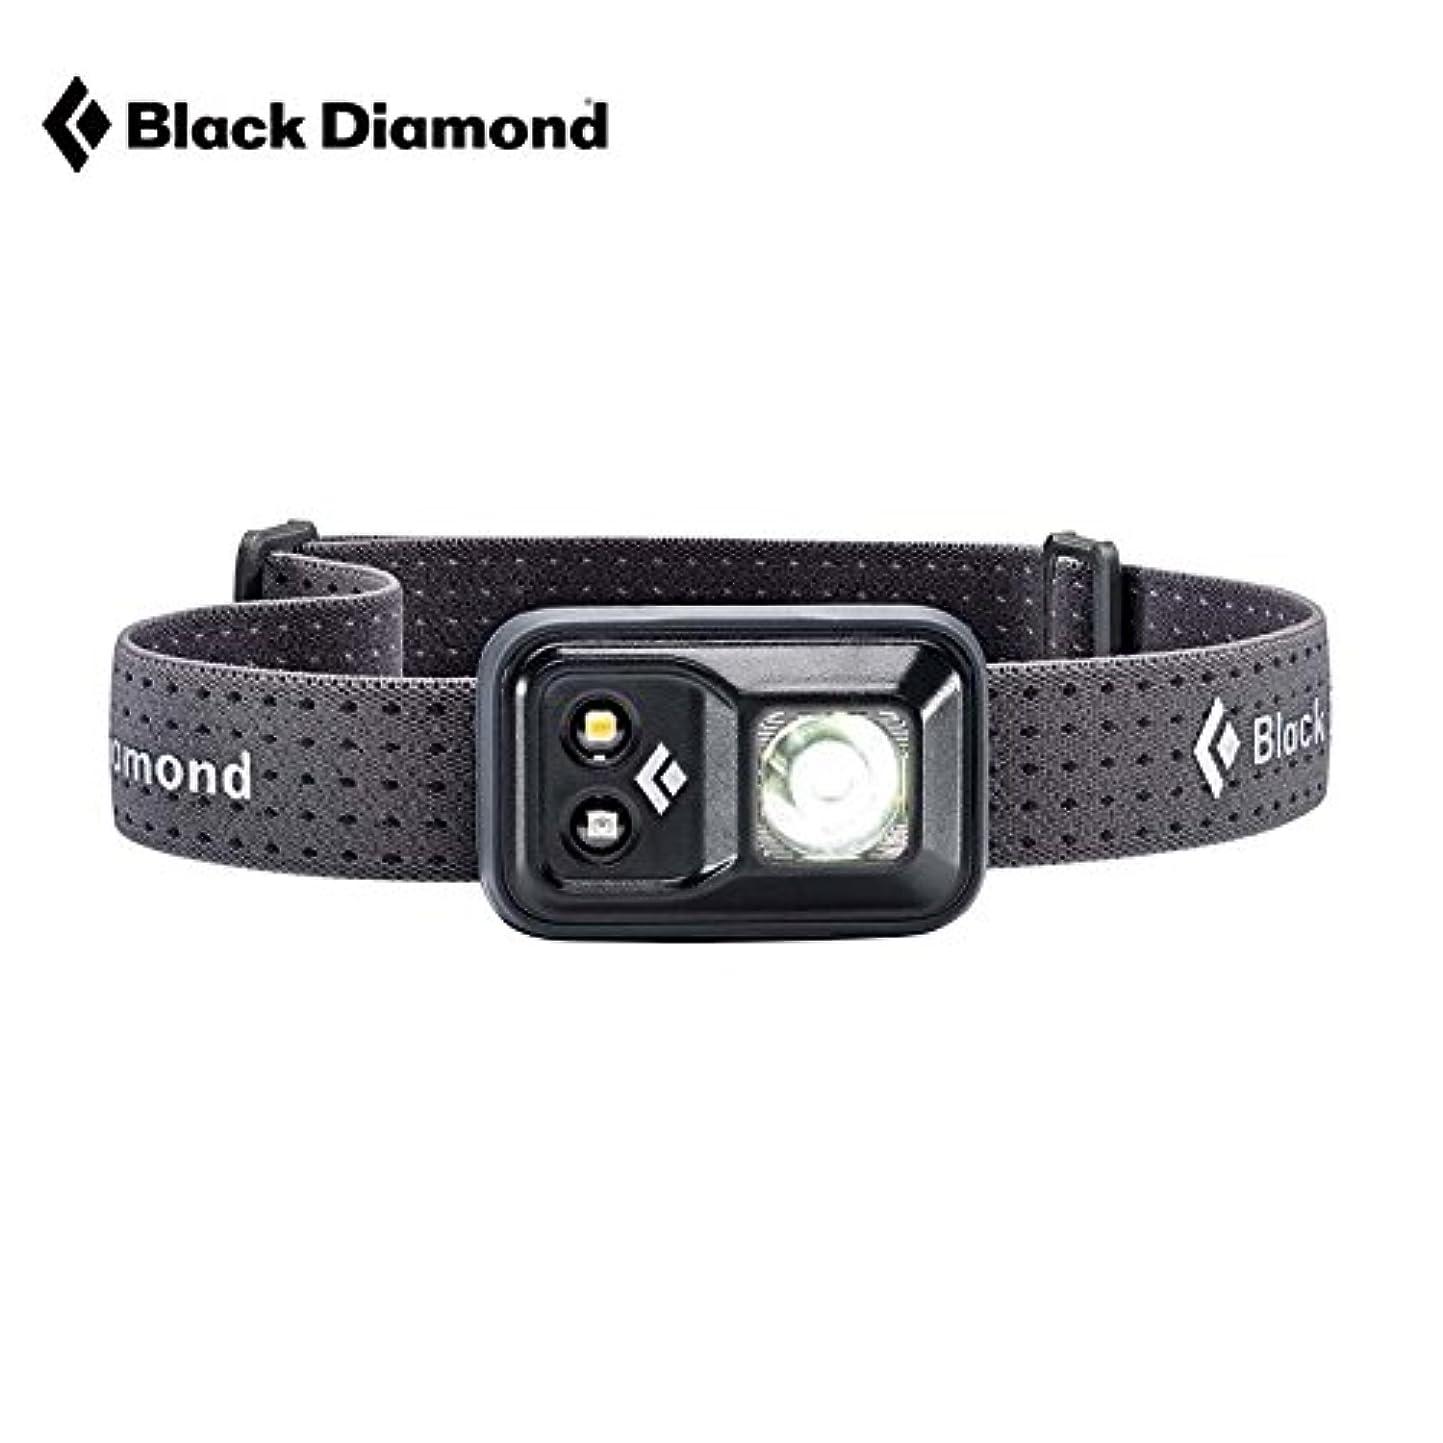 浸漬文明化注目すべきBlack Diamond(ブラックダイヤモンド) コズモ BD81048